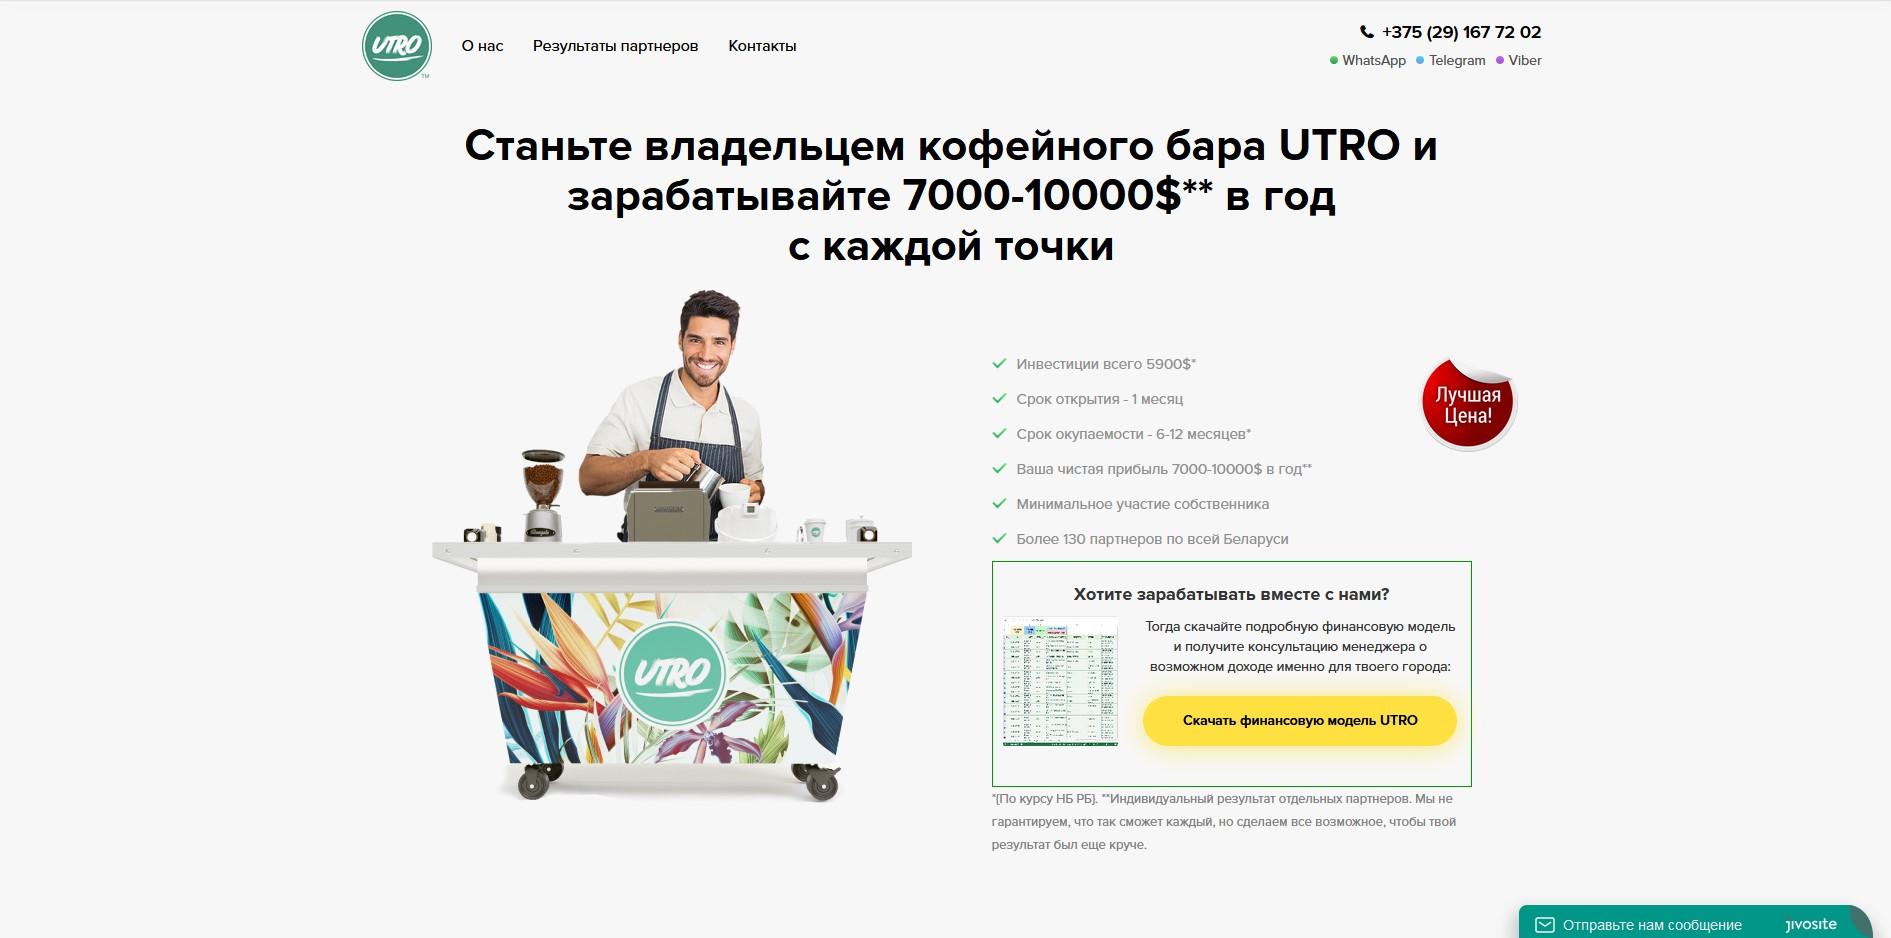 Кофейный бар UTRO